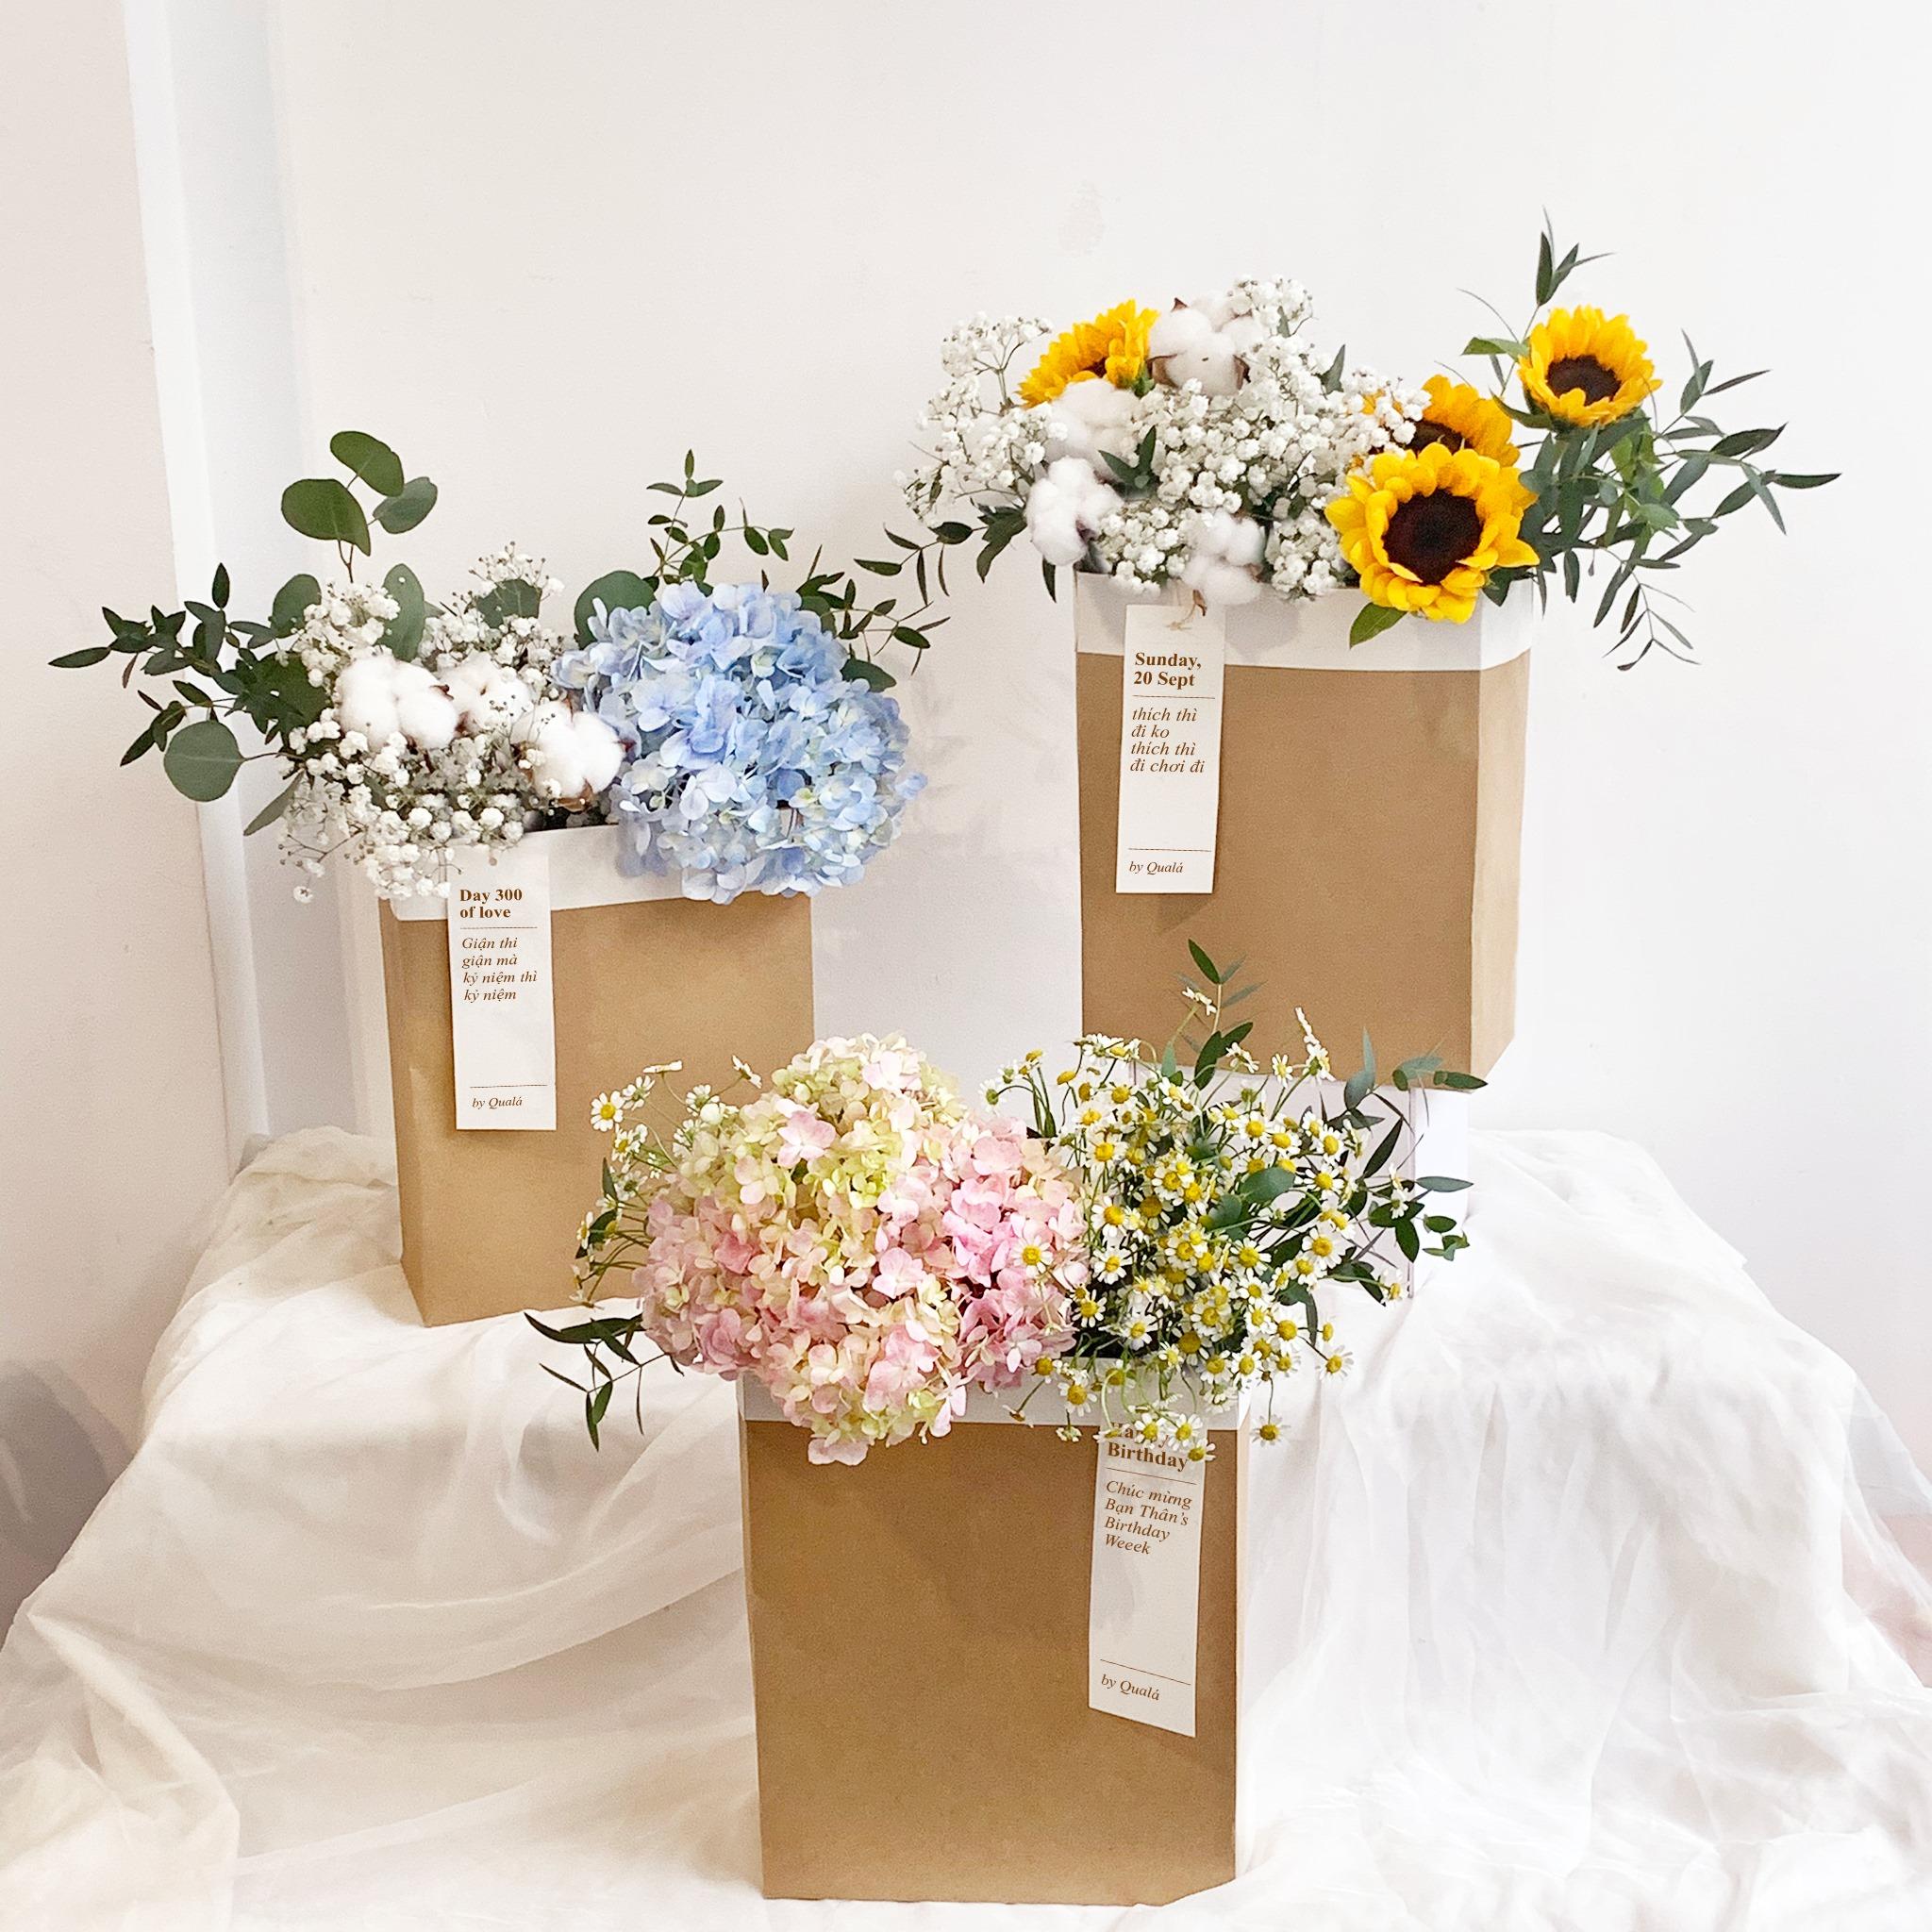 Tham khảo các mẫu lẵng hoa đẹp ngày 8/3 dành tặng phái nữ  - Ảnh 13.